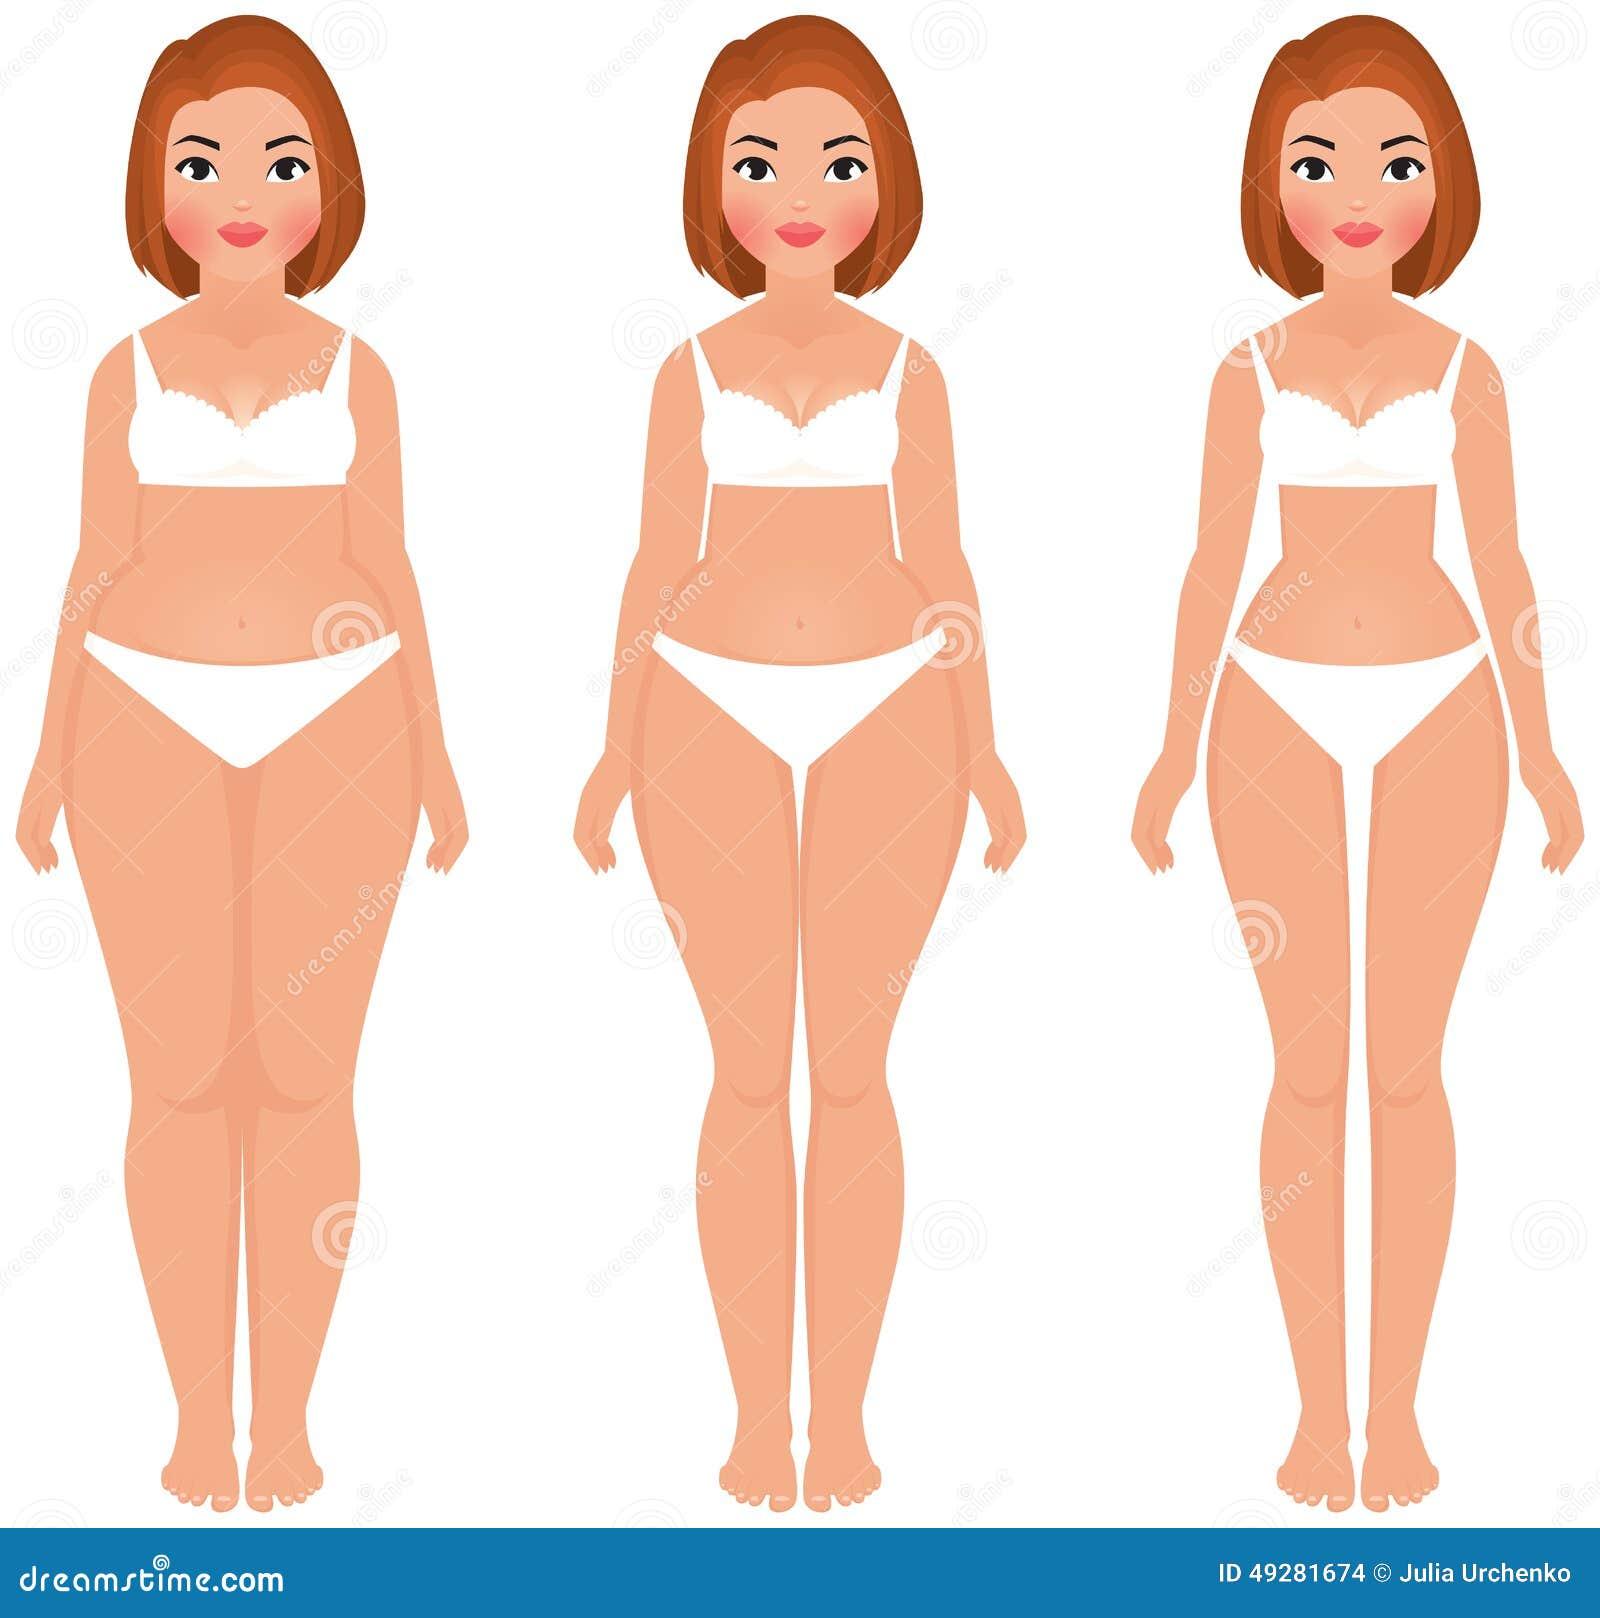 vecteur de perte de graisse la perte de poids cause-t-elle des odeurs corporelles